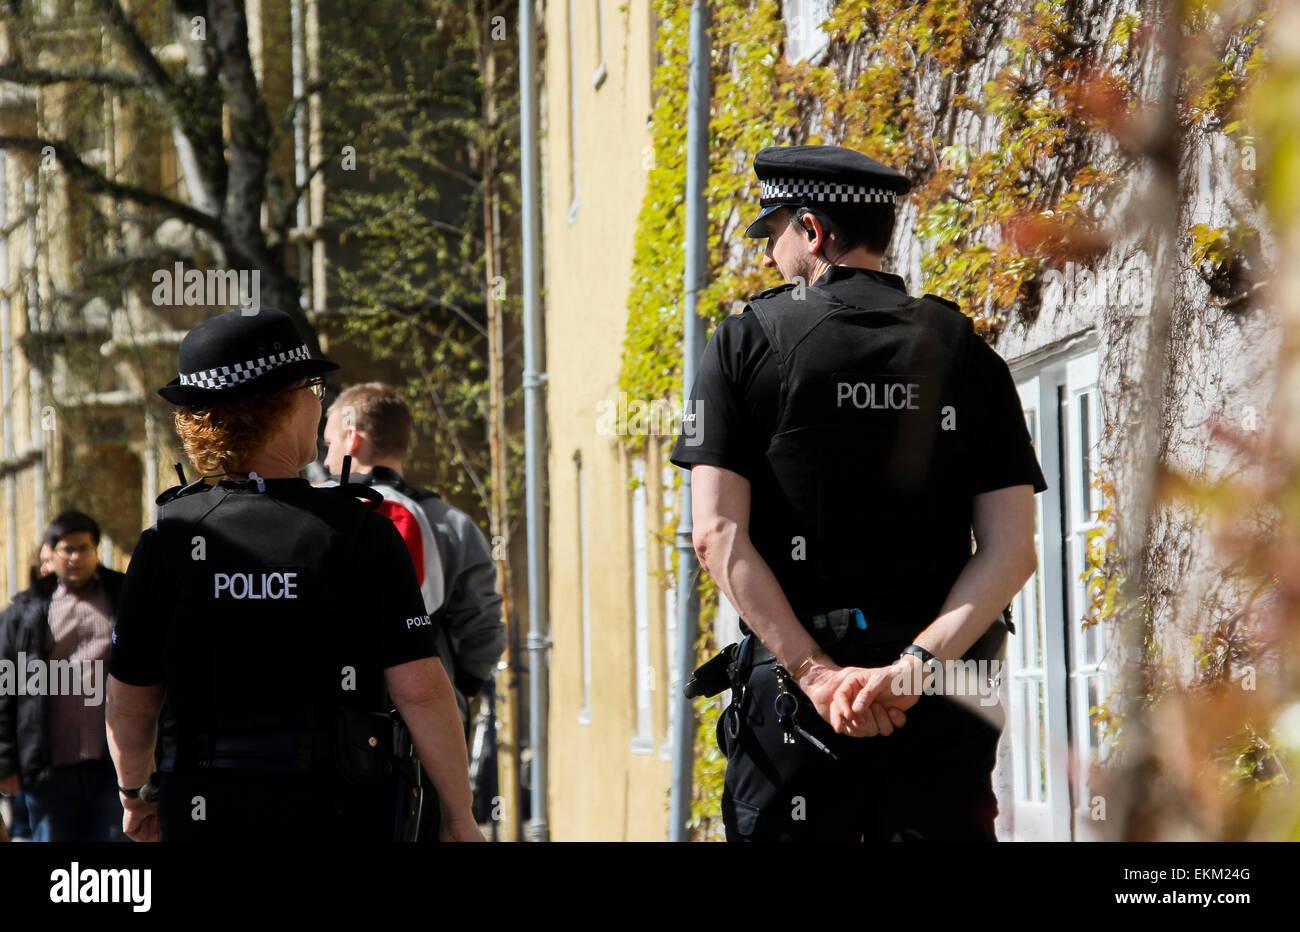 UK Police on patrol in Oxford city center - Stock Image